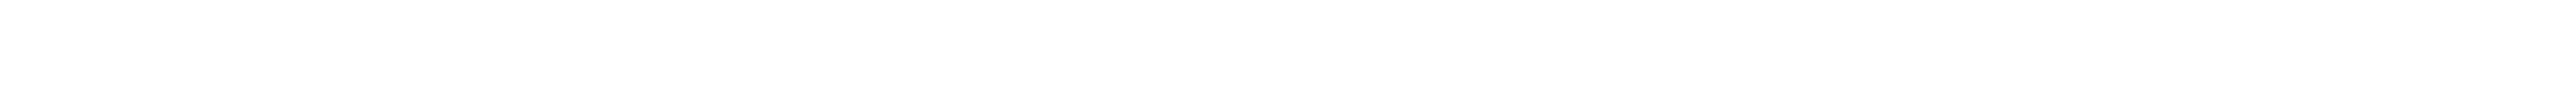 קנבס ללא טקסט - דוגמא - אמנות יודאיקה ייחודית